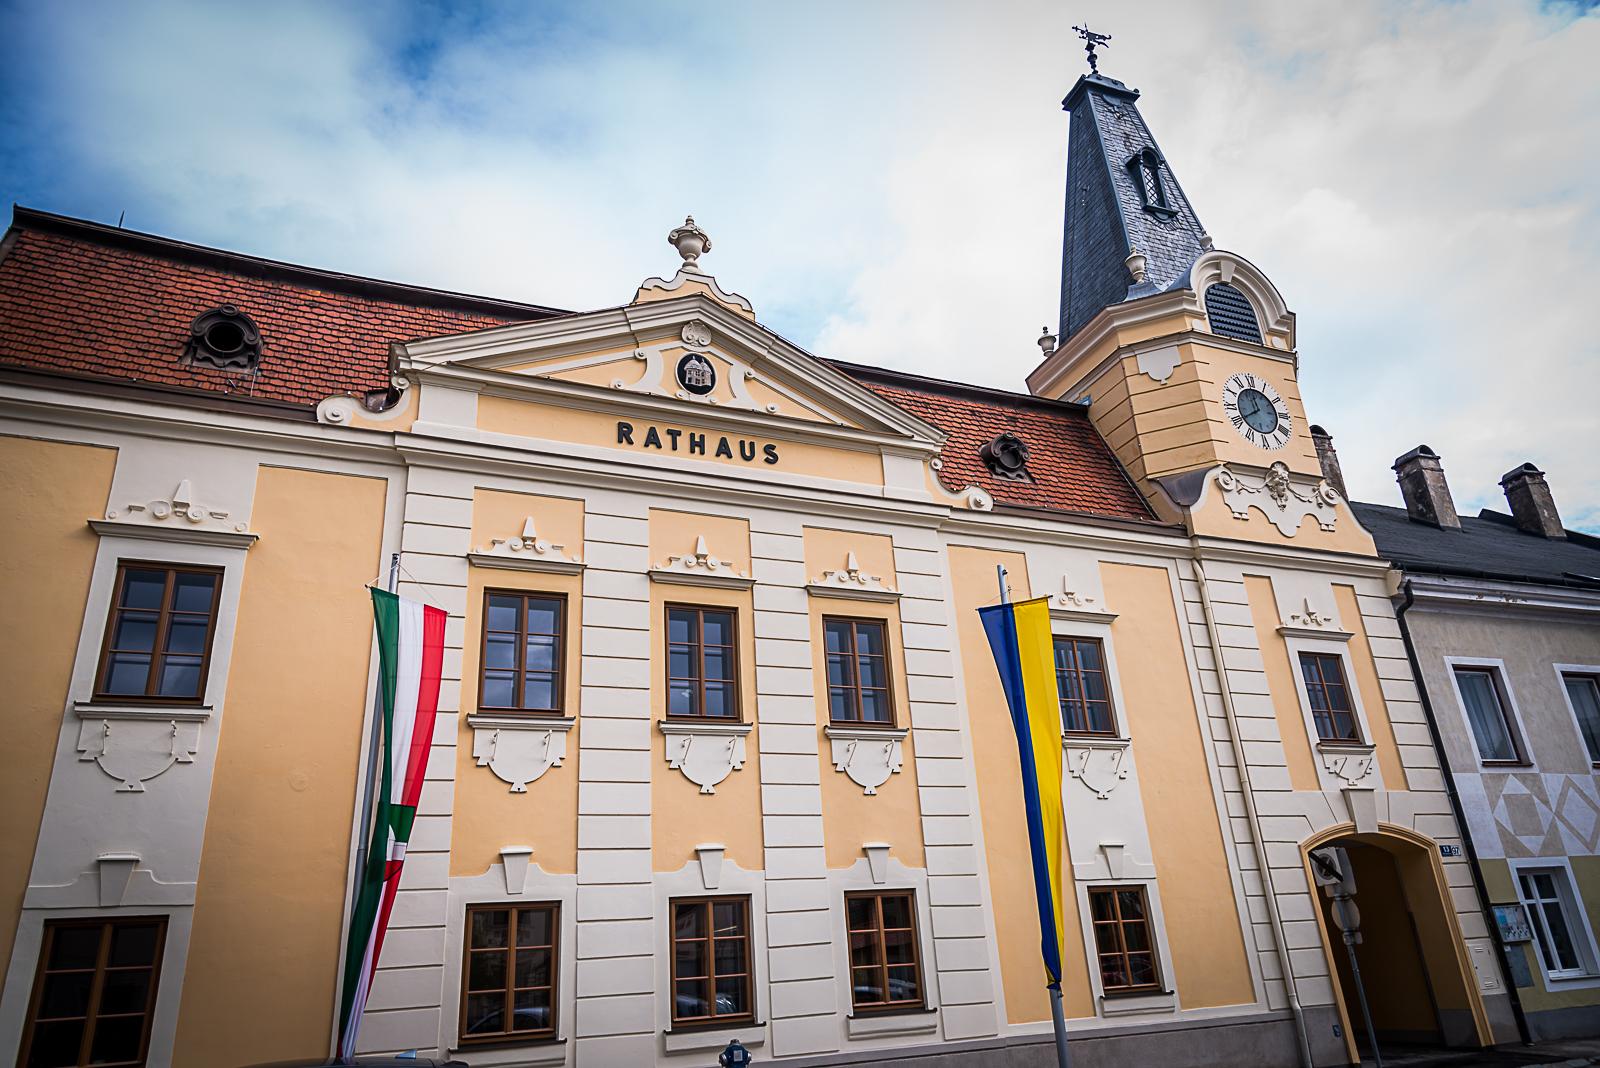 Rathaus-Pottenstein-Hauptplatz